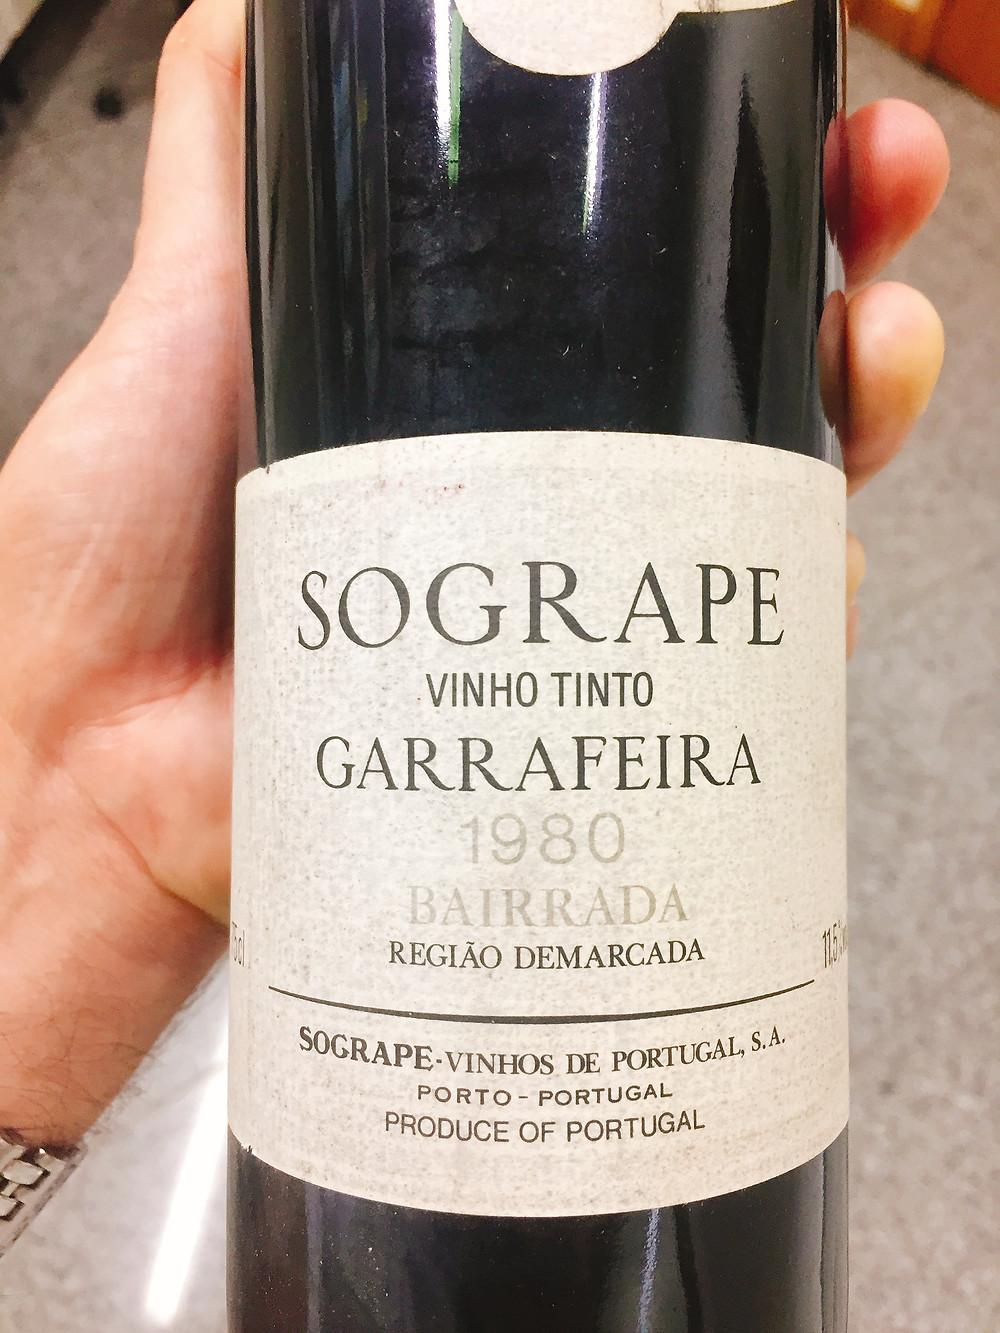 Sogrape Tinto Garrafeira 1980